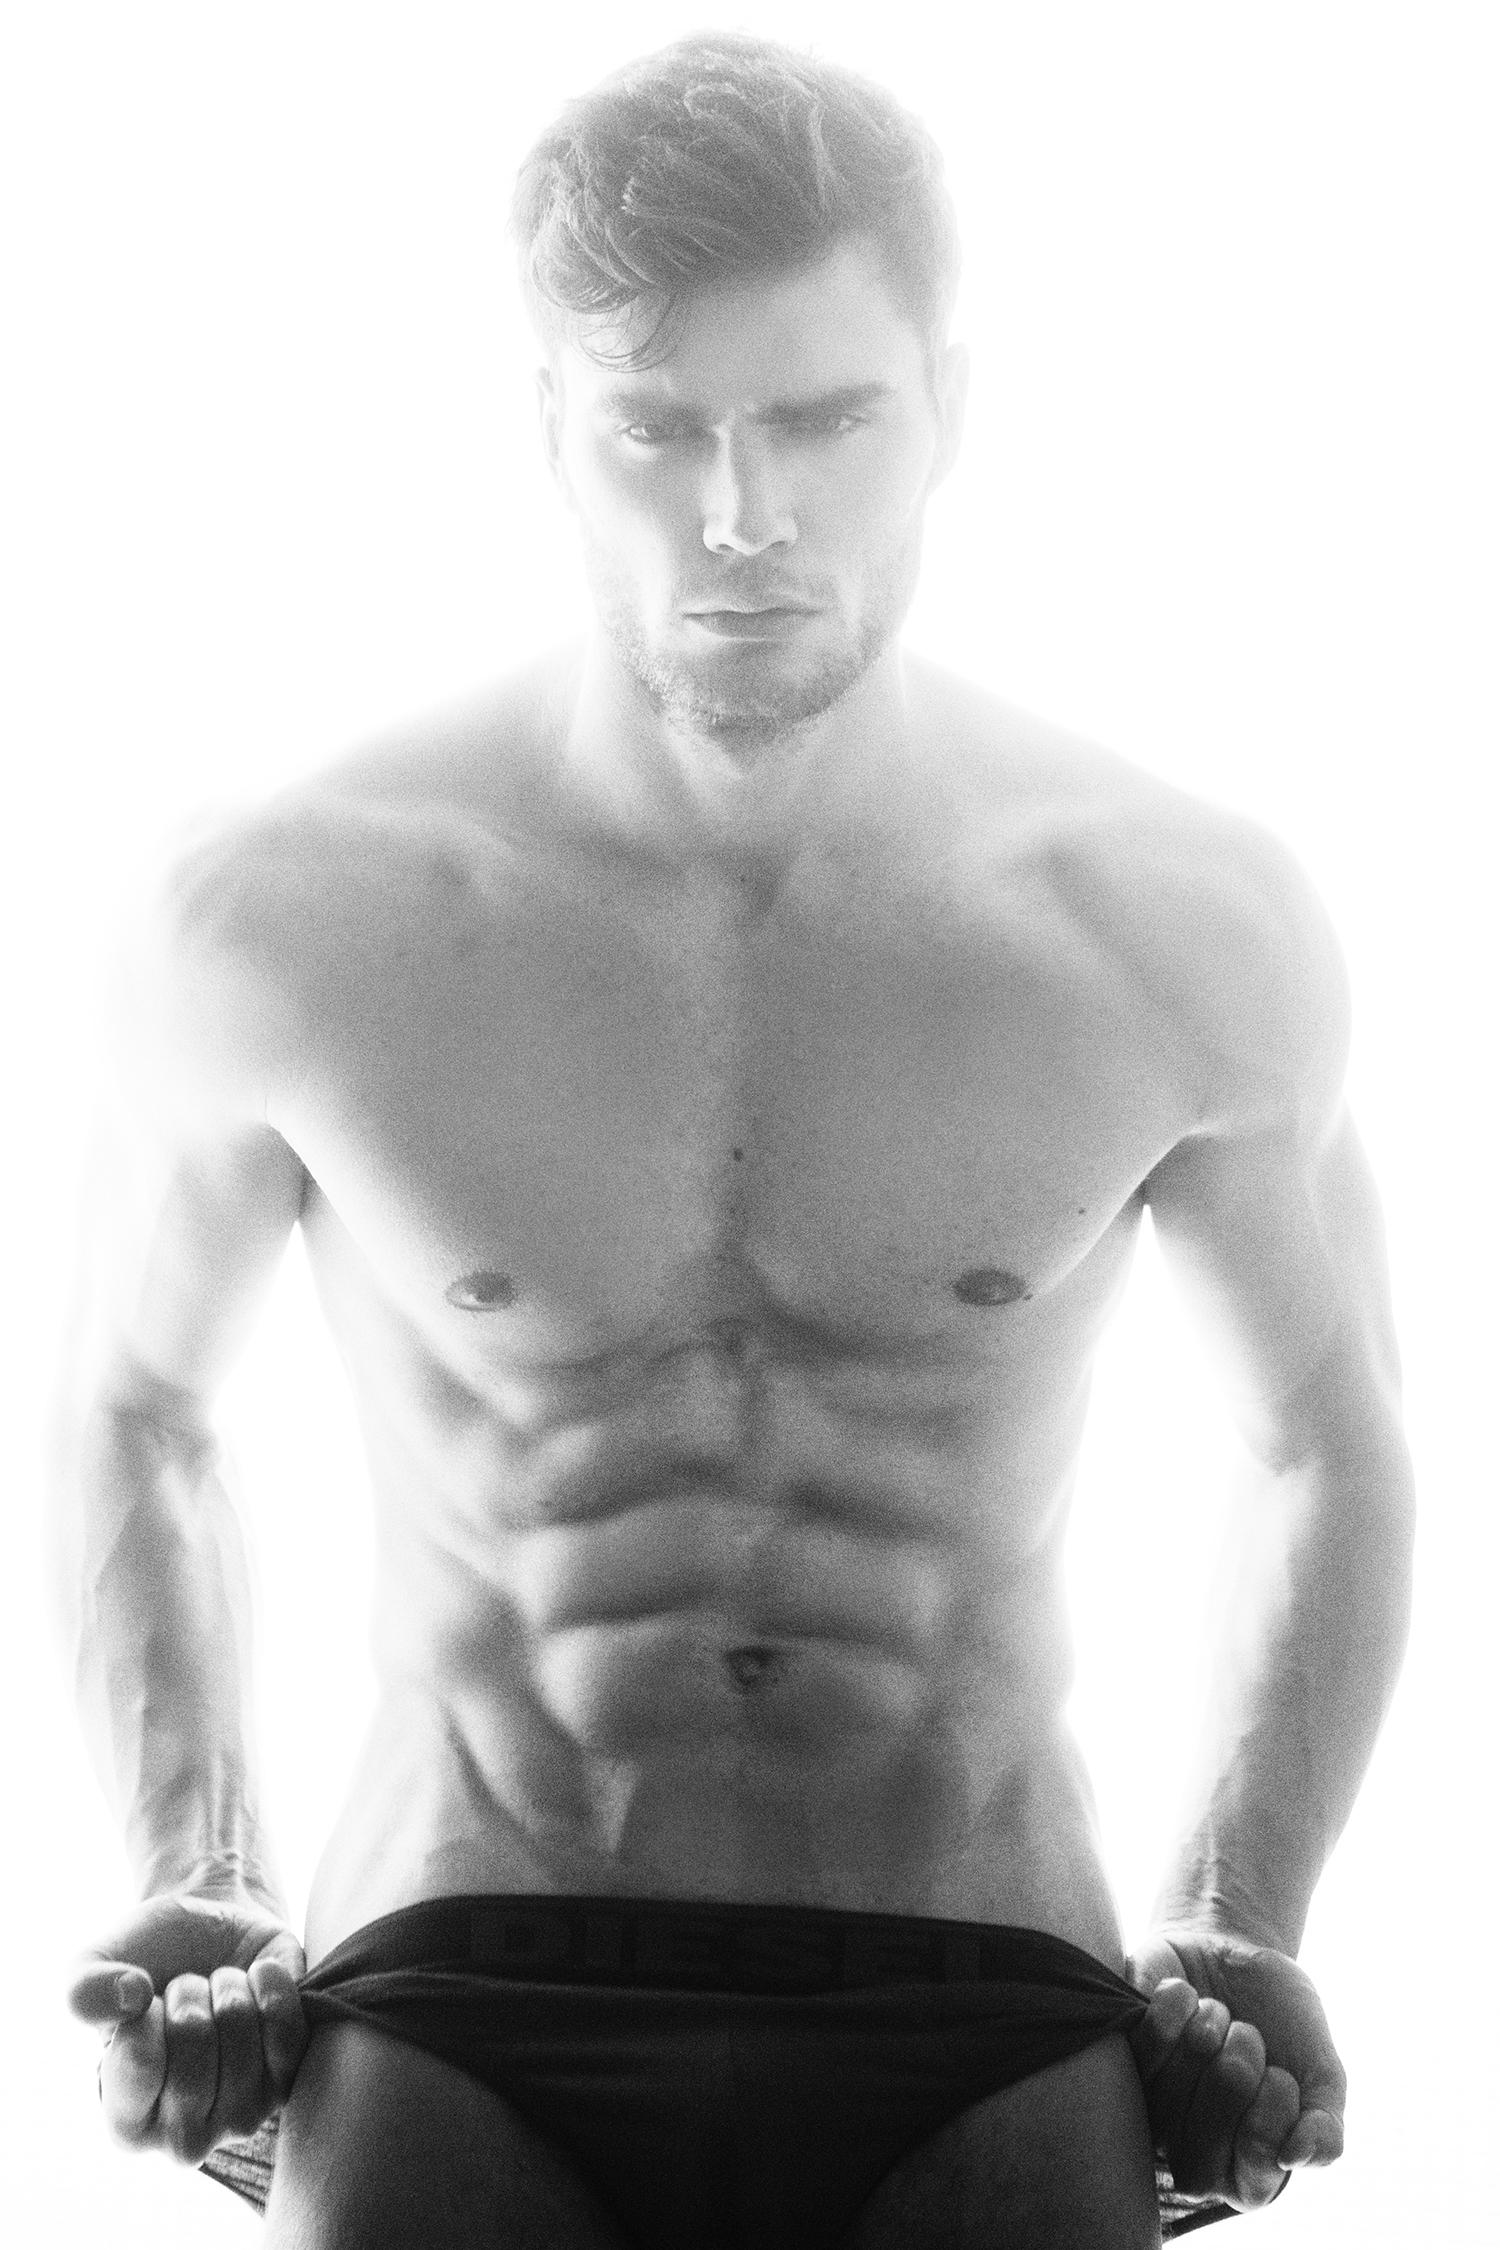 Adon Exclusive: Model Francesco Soave By Luis De La Luz